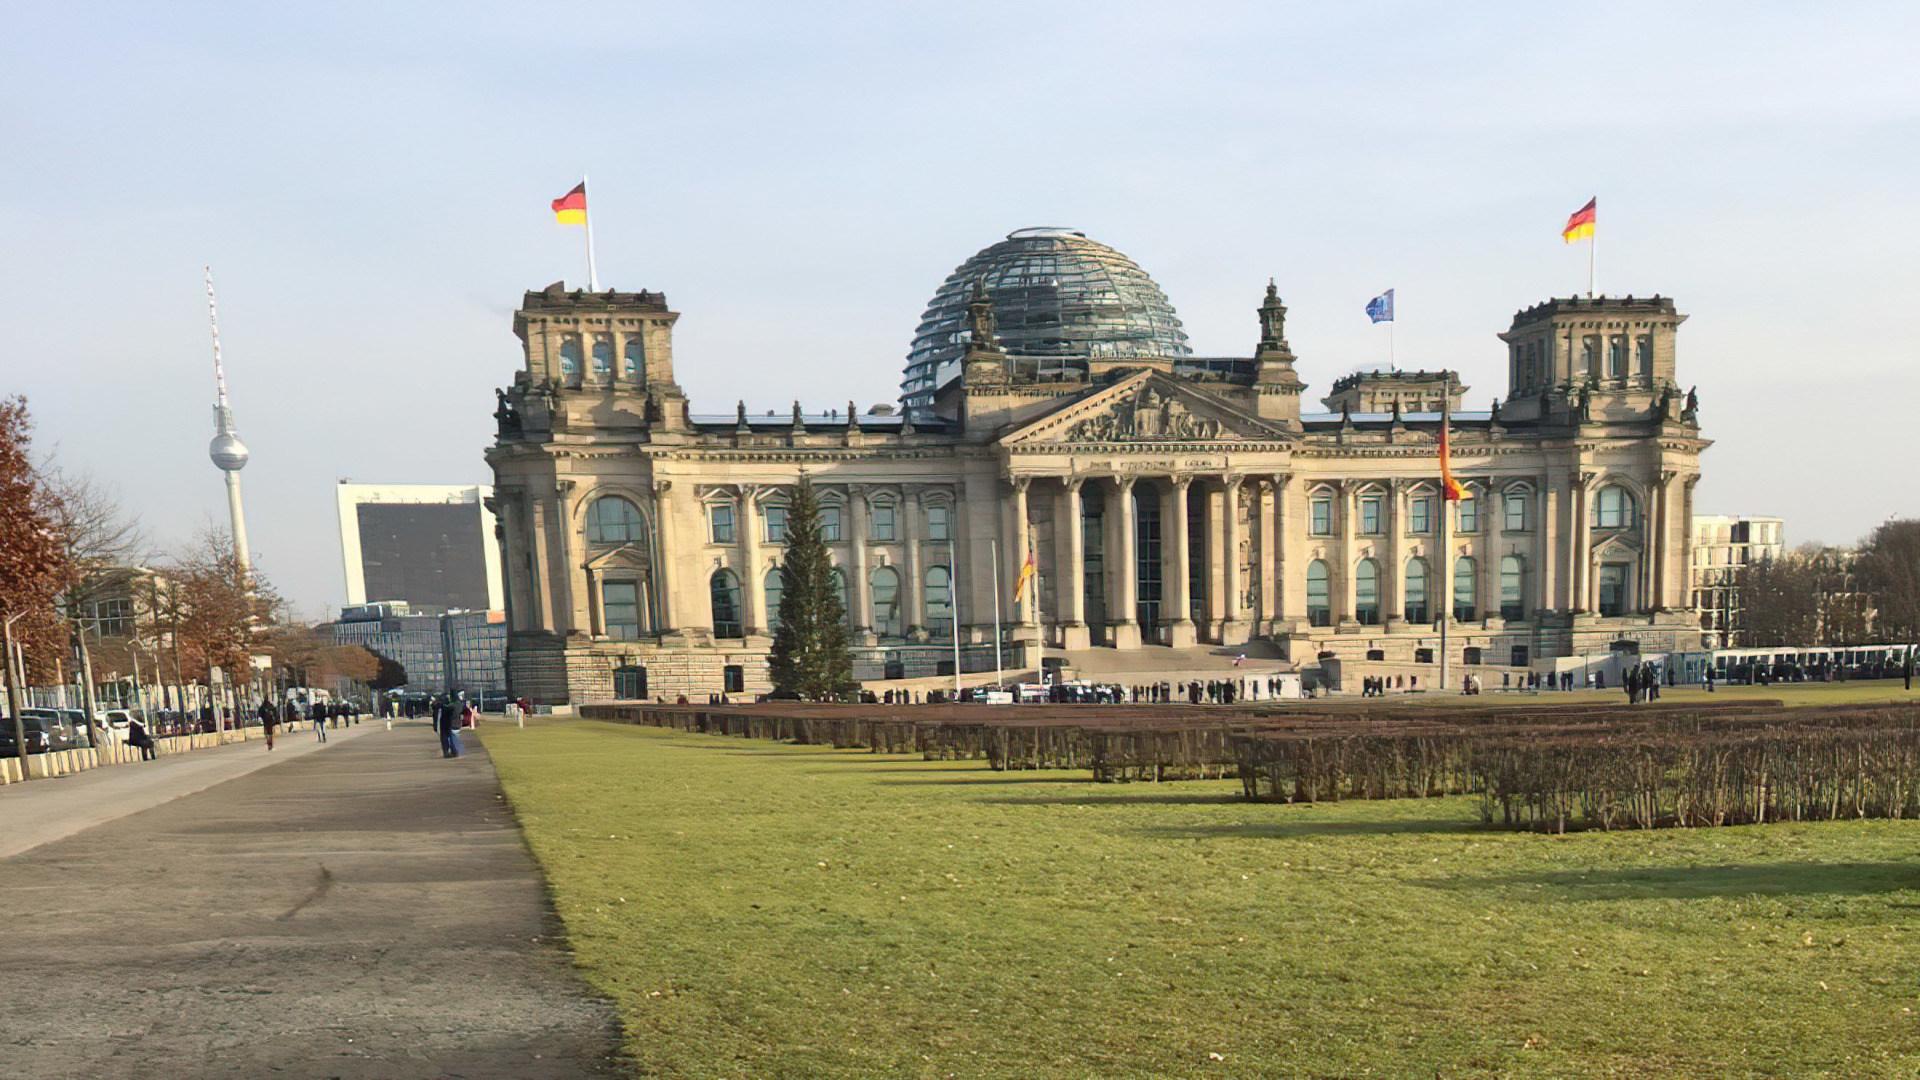 Politik, Berlin, Bundestag, Bund, Reichstagsgebäude